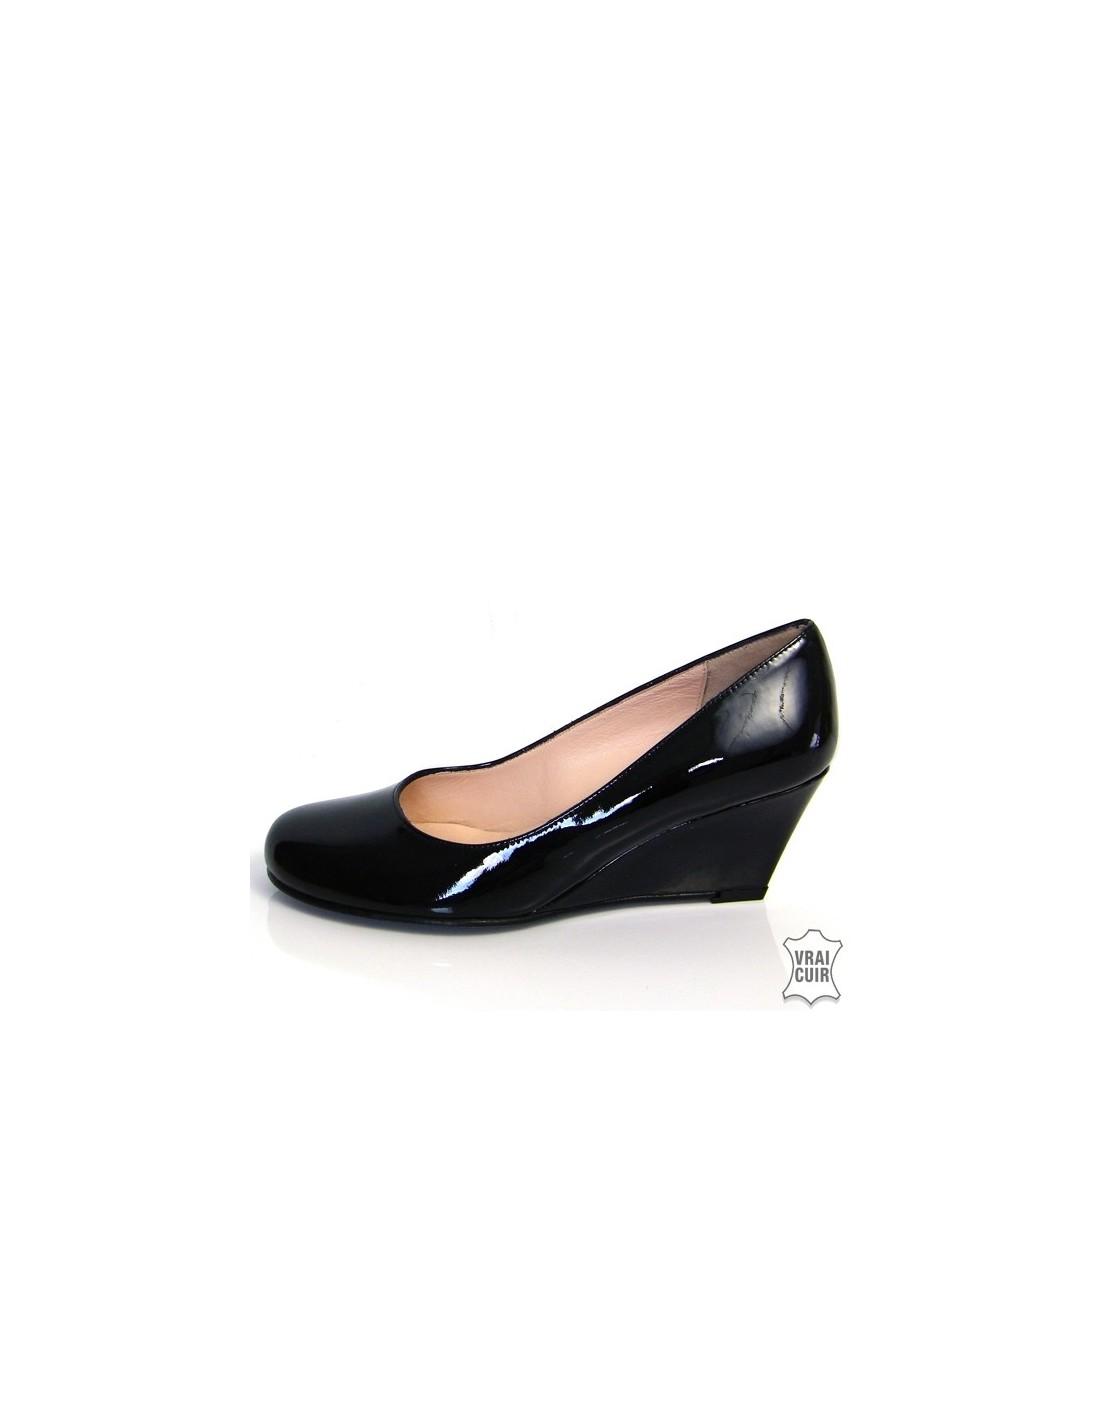 3922fe1ed81a87 chaussures femme petite pointure Escarpins à talons compensés vernis 4179